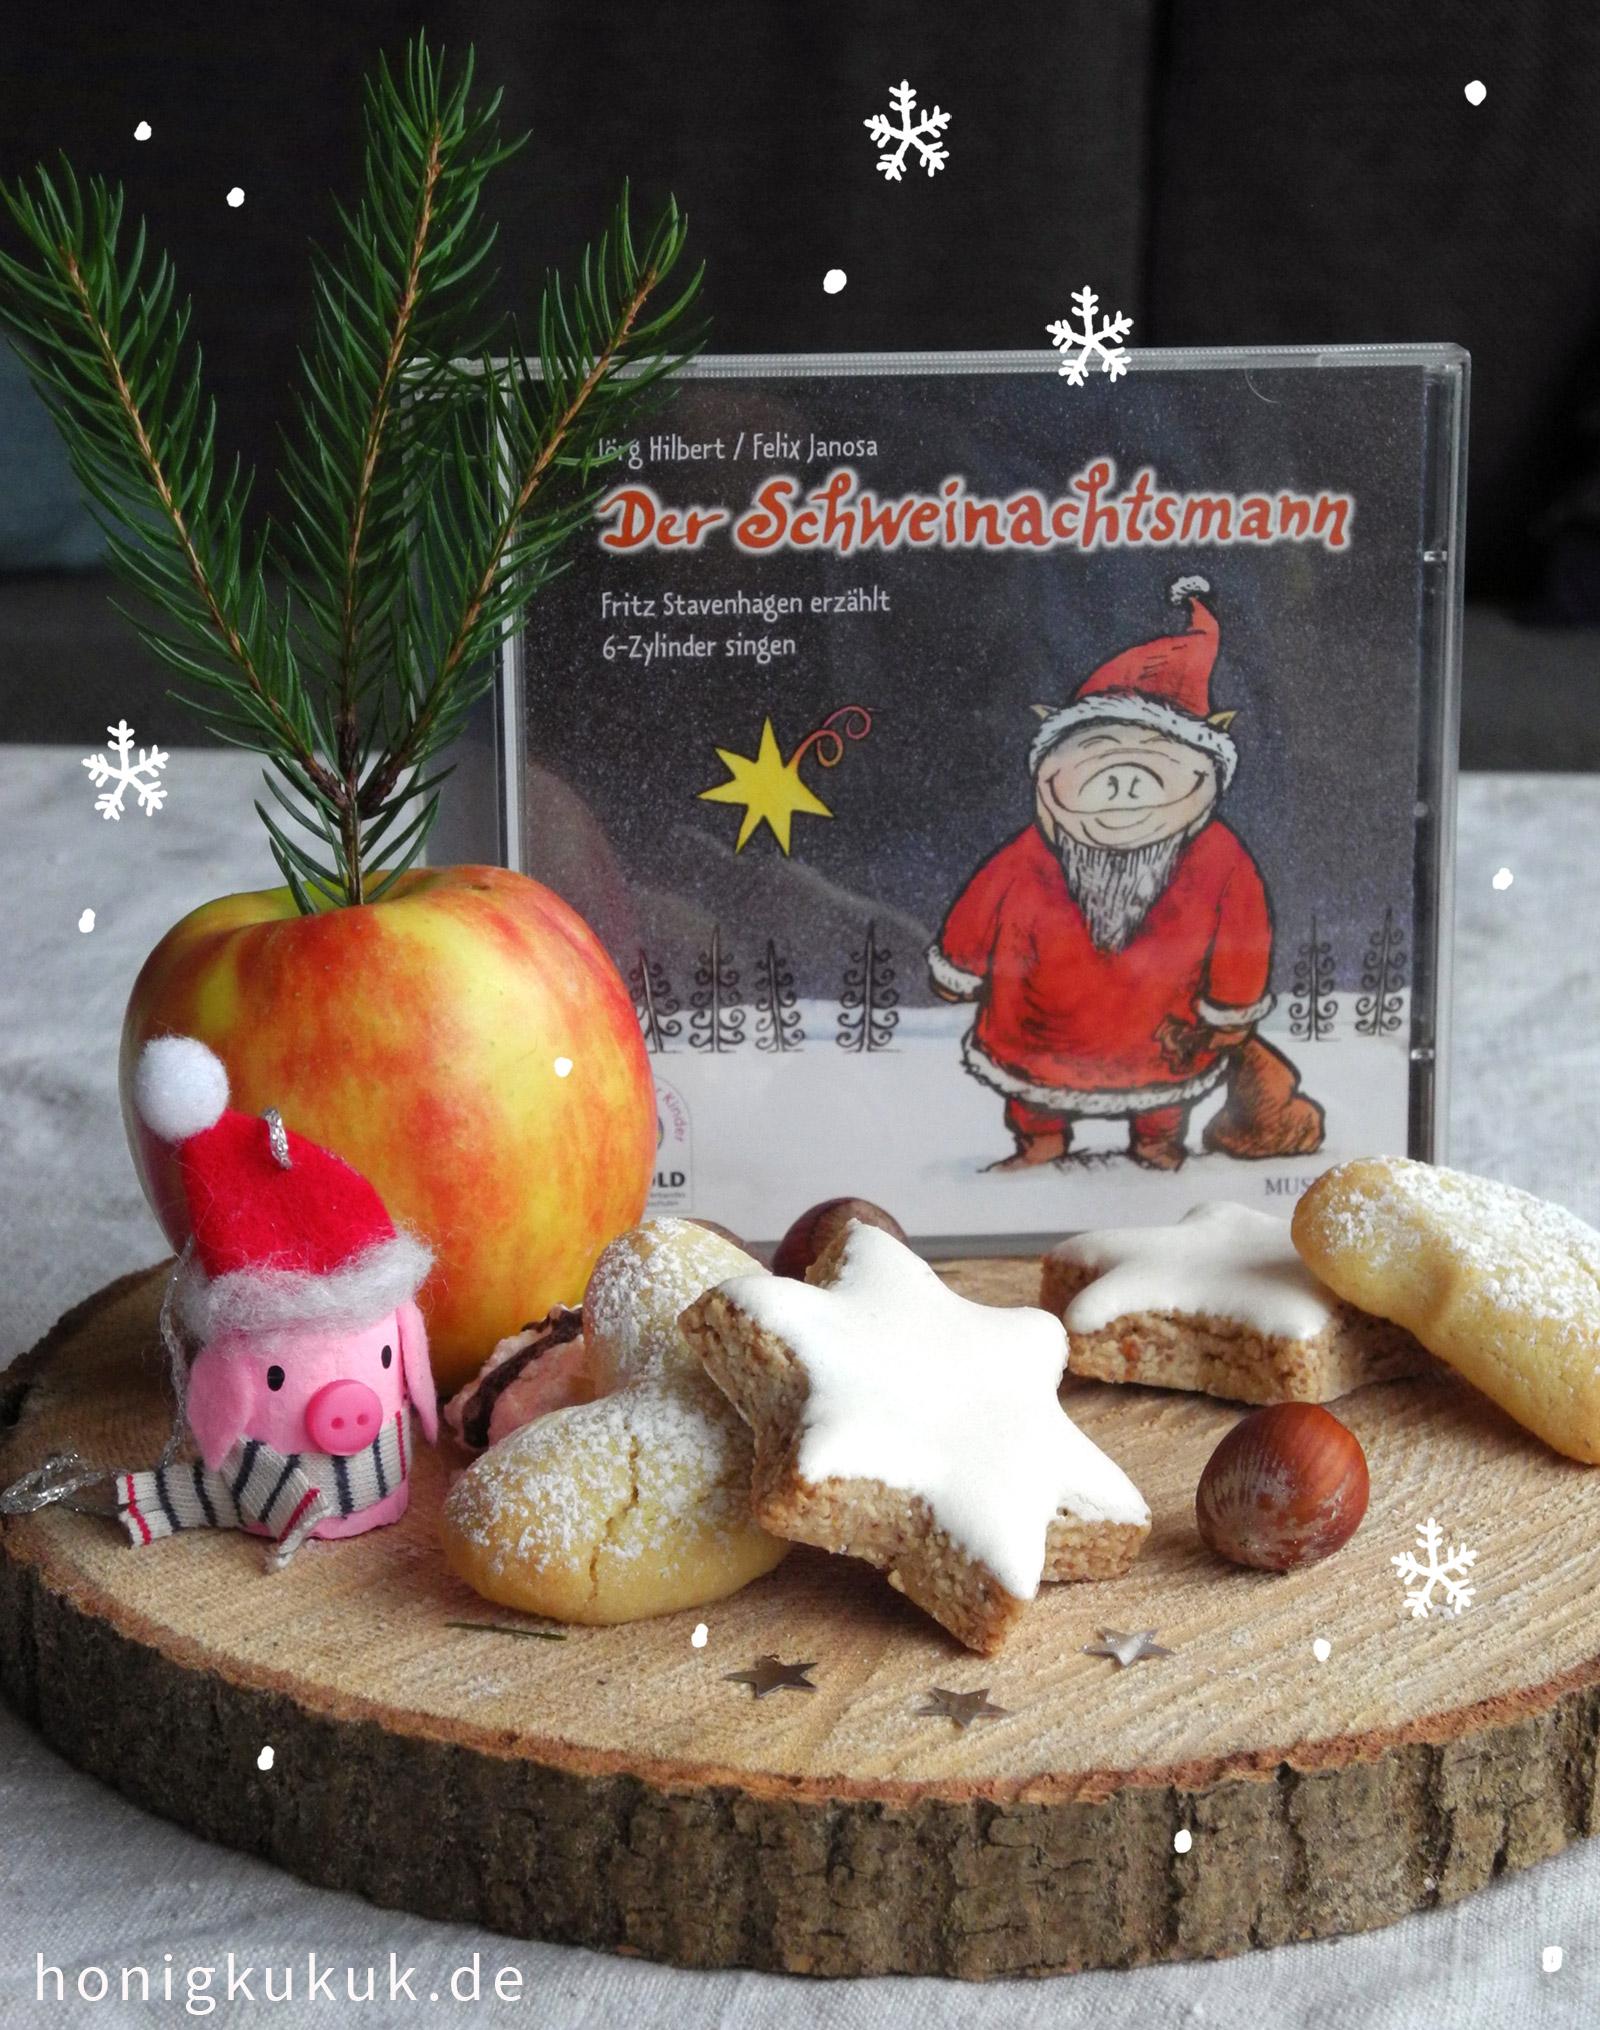 Weihnachtsbaumschmuck aus Korken, Inspiration: CD vom Schweinachtsmann